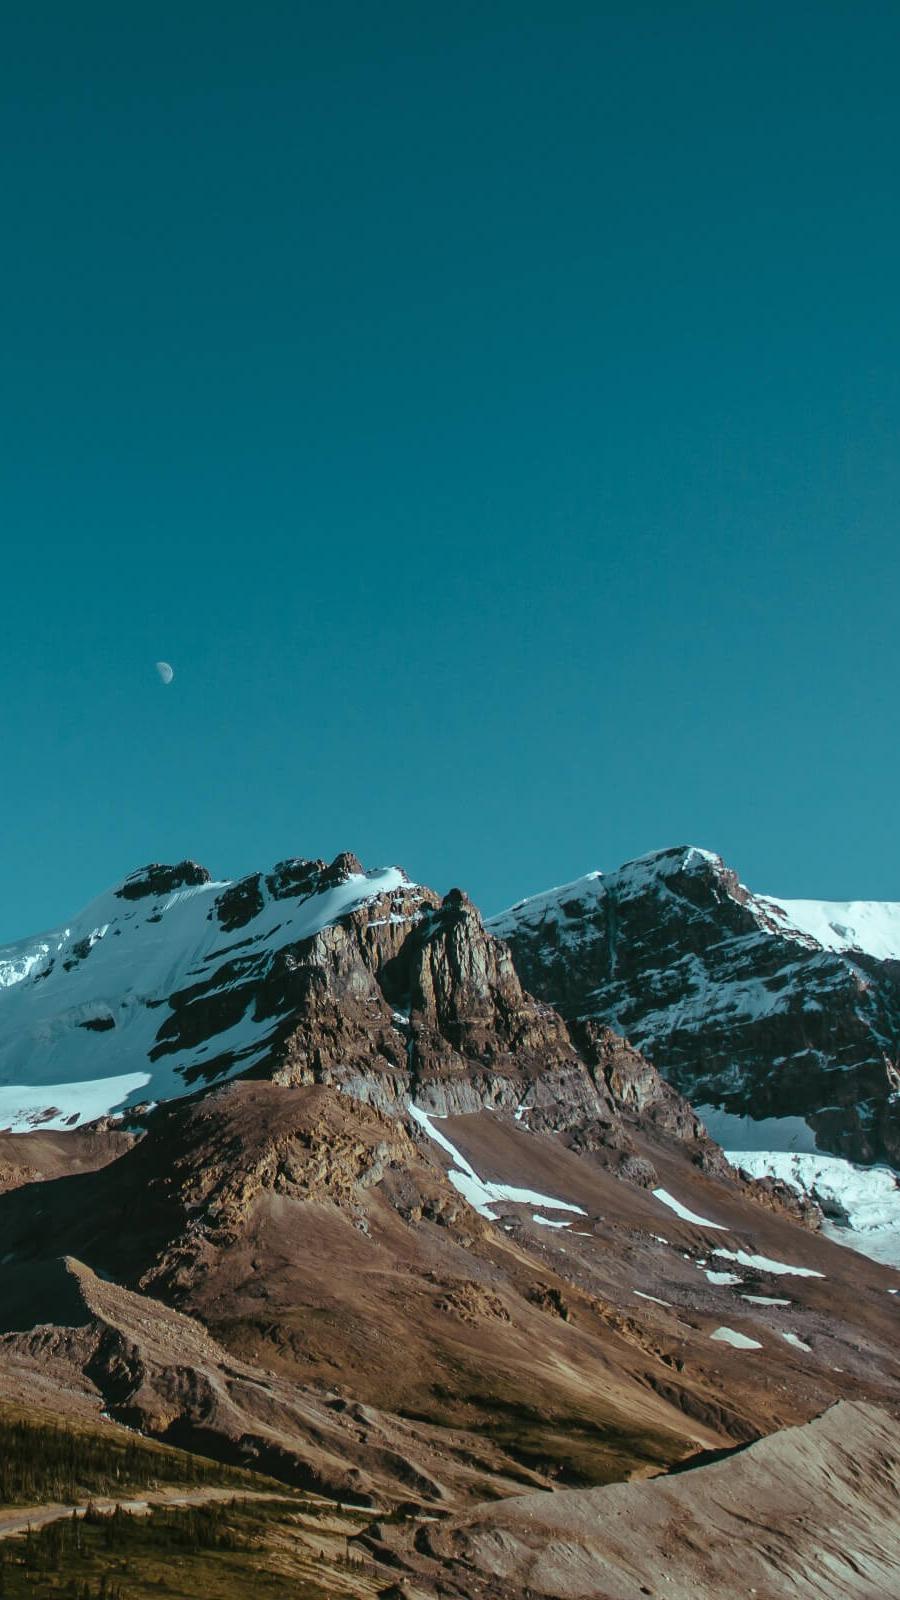 Jasper National Park Rocky Mountains Iphone Wallpaper